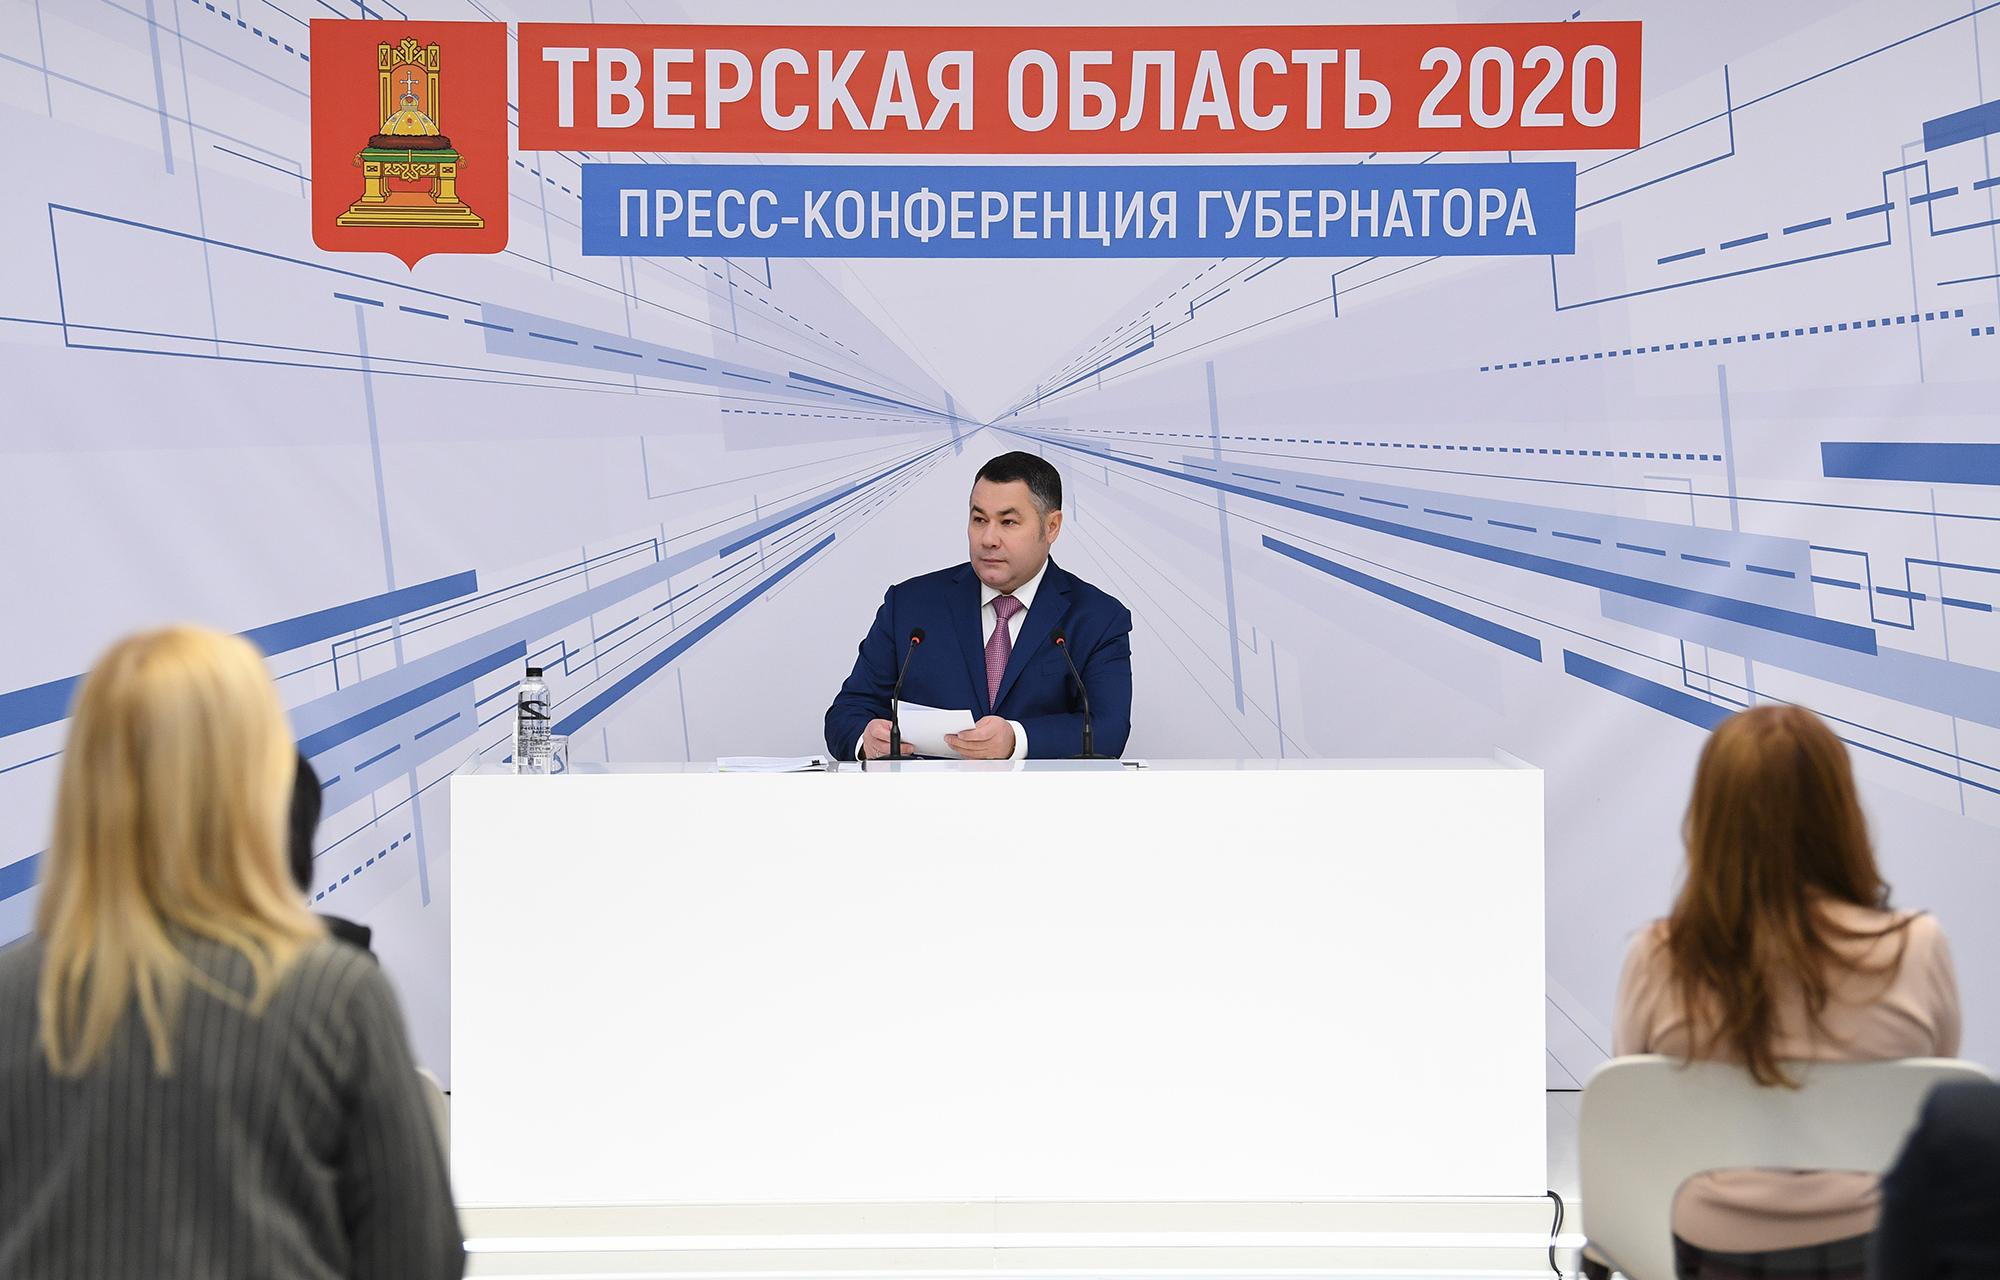 Игорь Руденя о значимых проектах 2020 года и планах на будущее